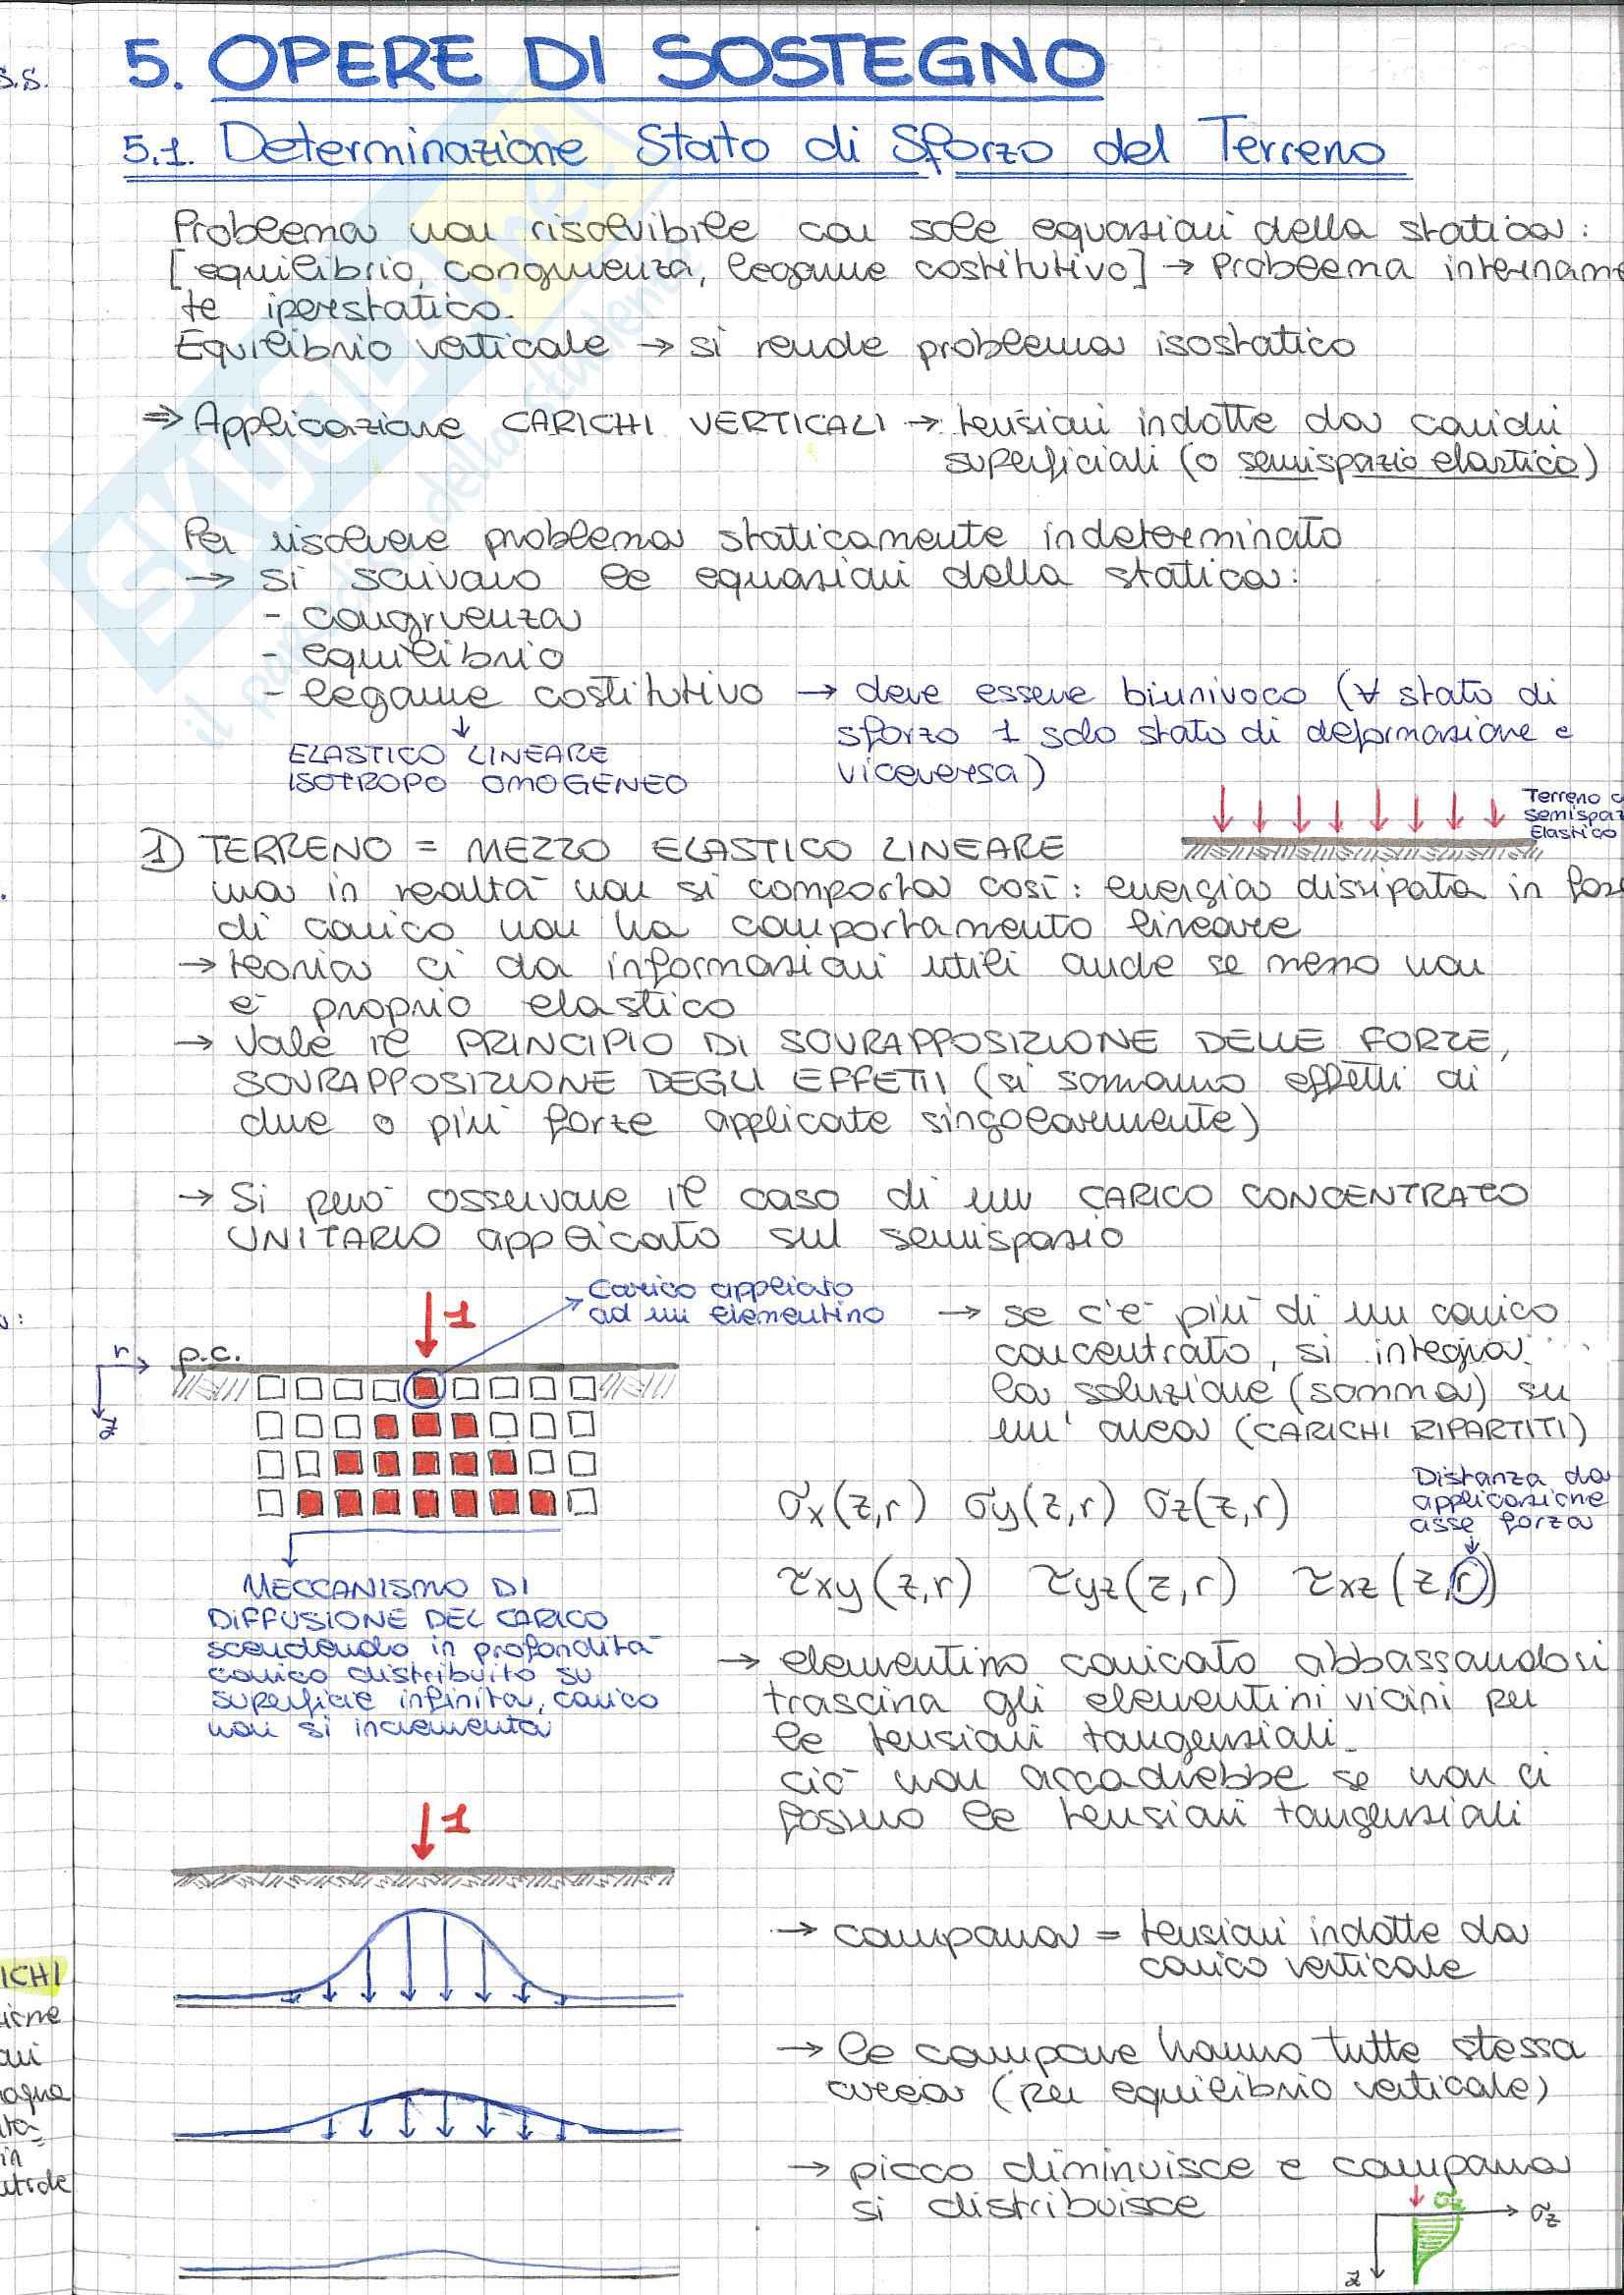 Riassunto esame Fondamenti di Geotecnica, prof. Desideri, libro consigliato Fondazioni, C. Viggianii: opere di sostegno